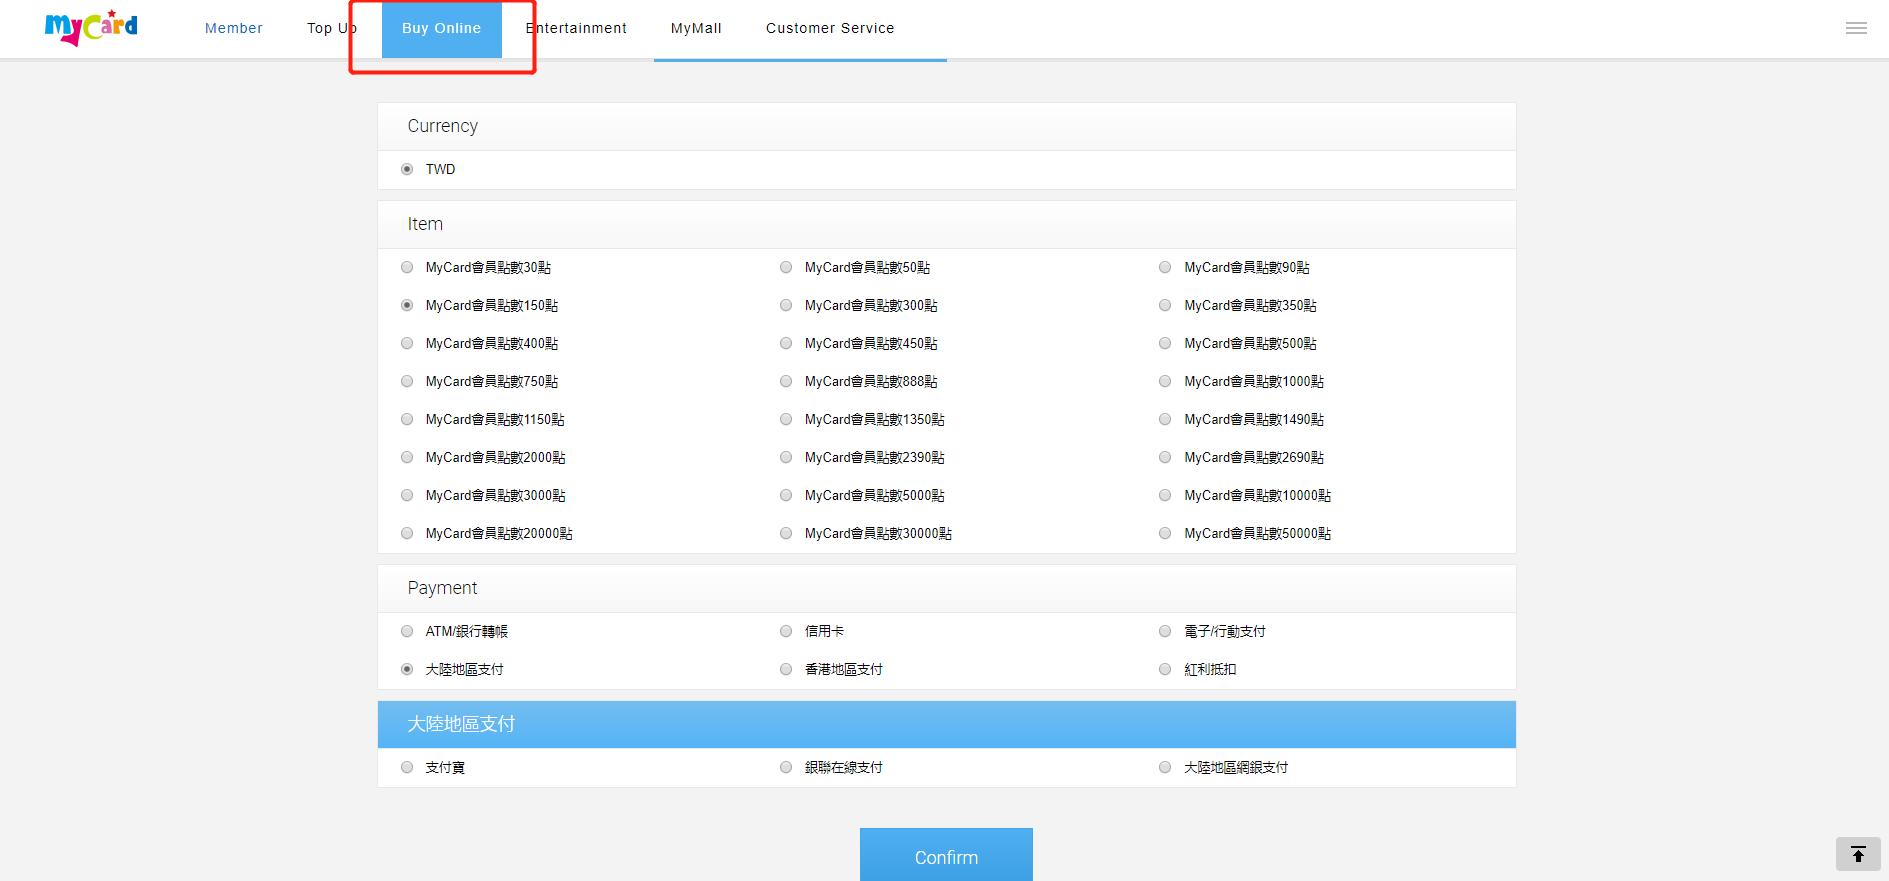 Mycard儲值活動詳細流程指南-登录后进行点数储值.png